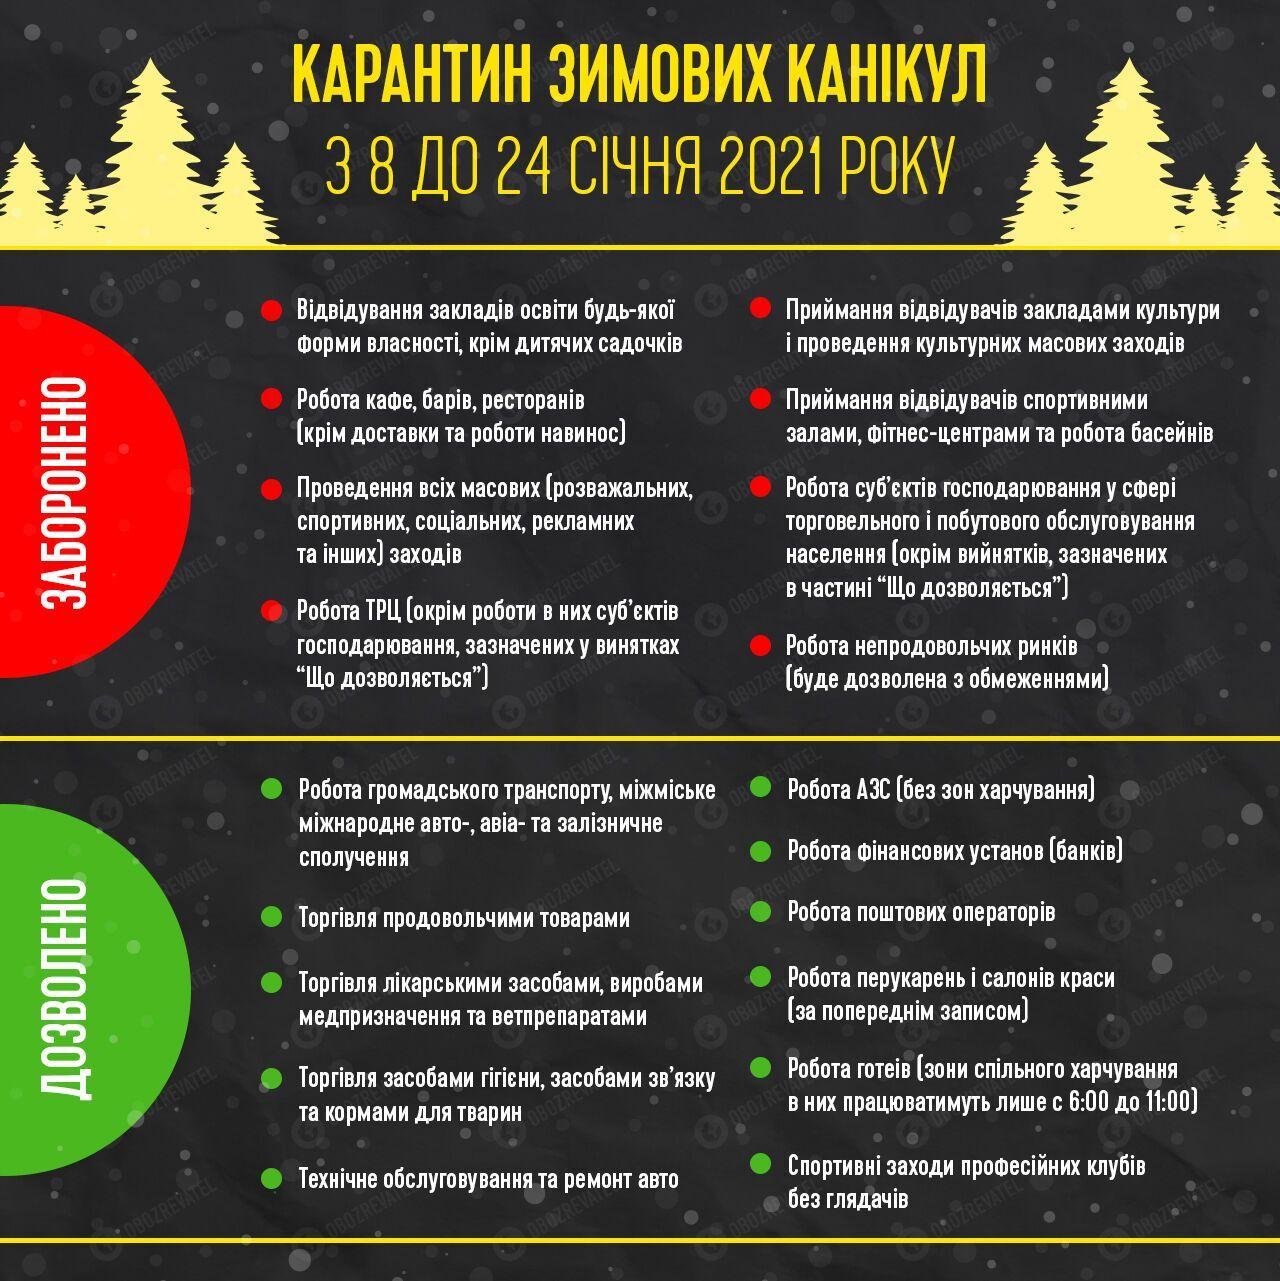 Карантинні обмеження на січень в Україні